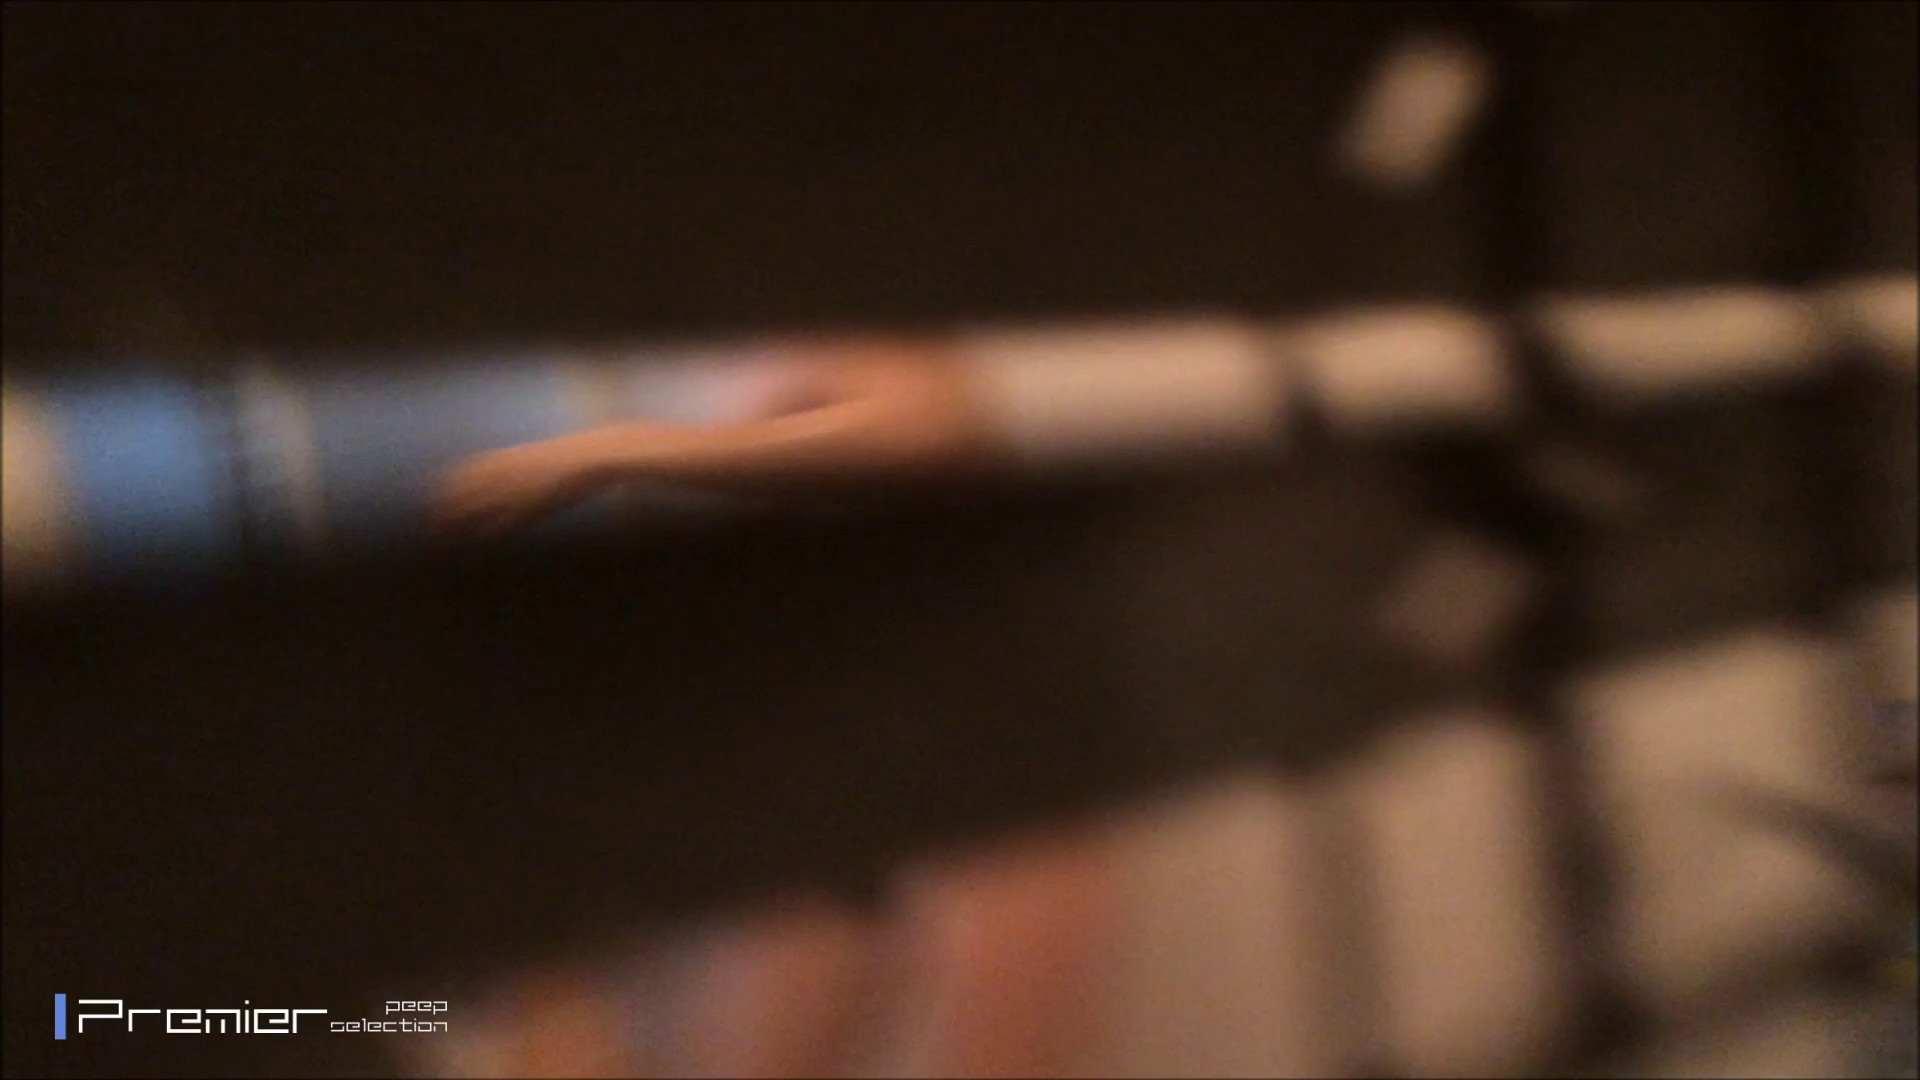 高画質フルハイビジョン スレンダー美女の入浴 乙女の風呂場 Vol.04 乙女だって。。。 おめこ無修正画像 75画像 73